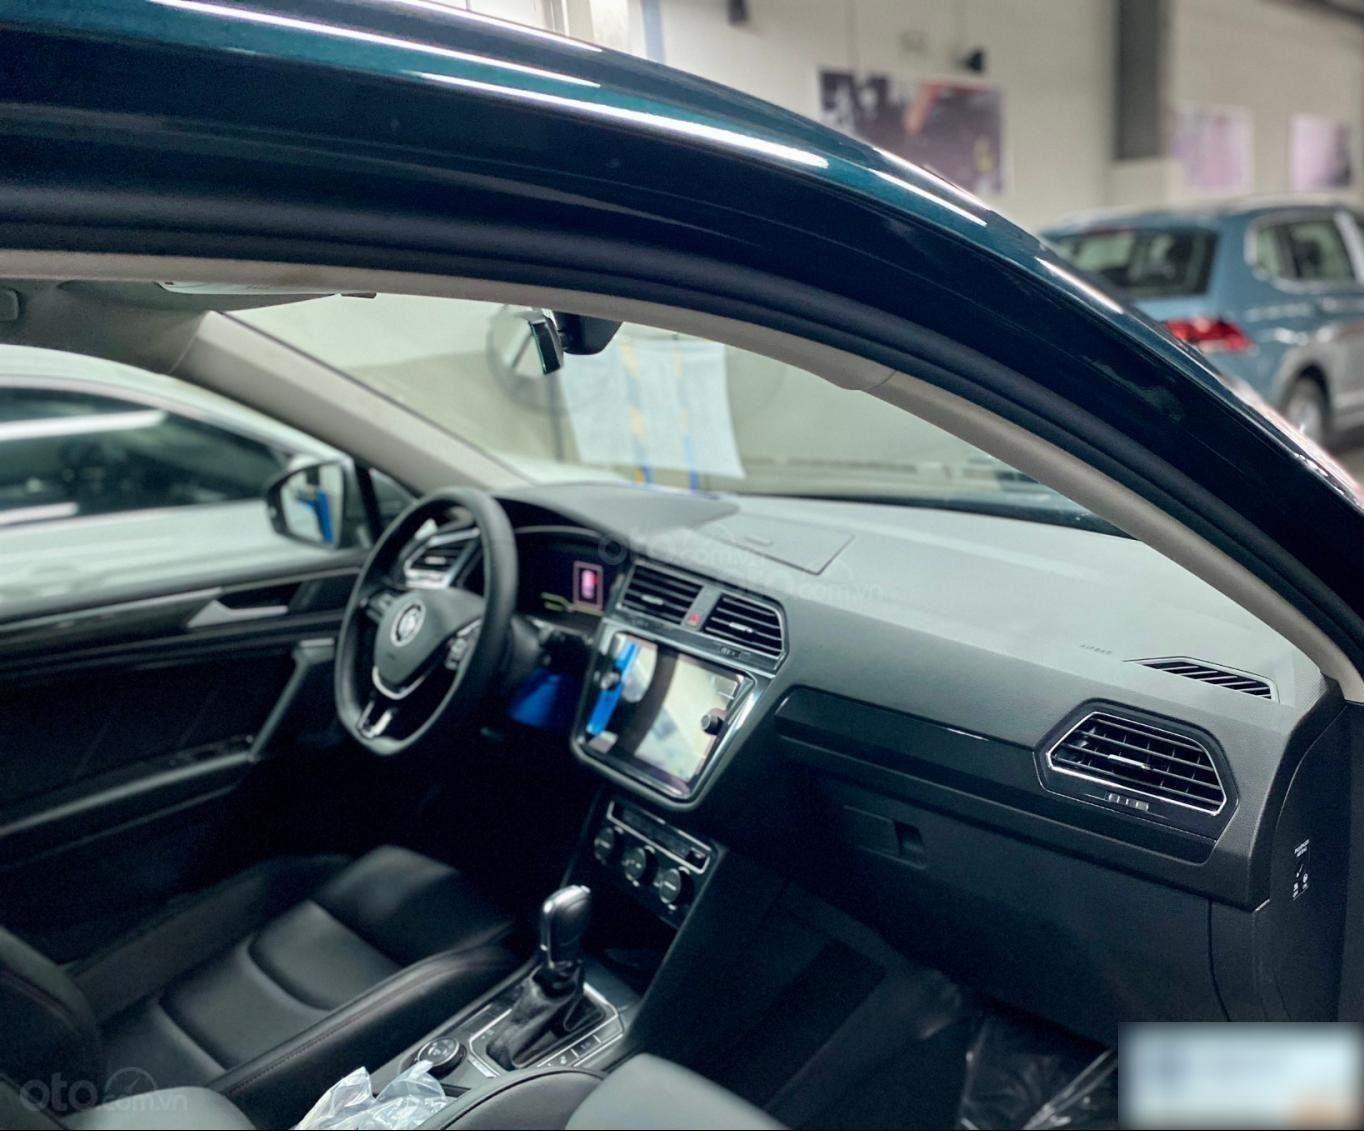 Khuyến mãi 120 triệu cho dòng VW Tiguan Luxury 2020 - Lái thử xe tận nhà - Giá chỉ còn: 1,679 tỷ + phụ kiện (6)